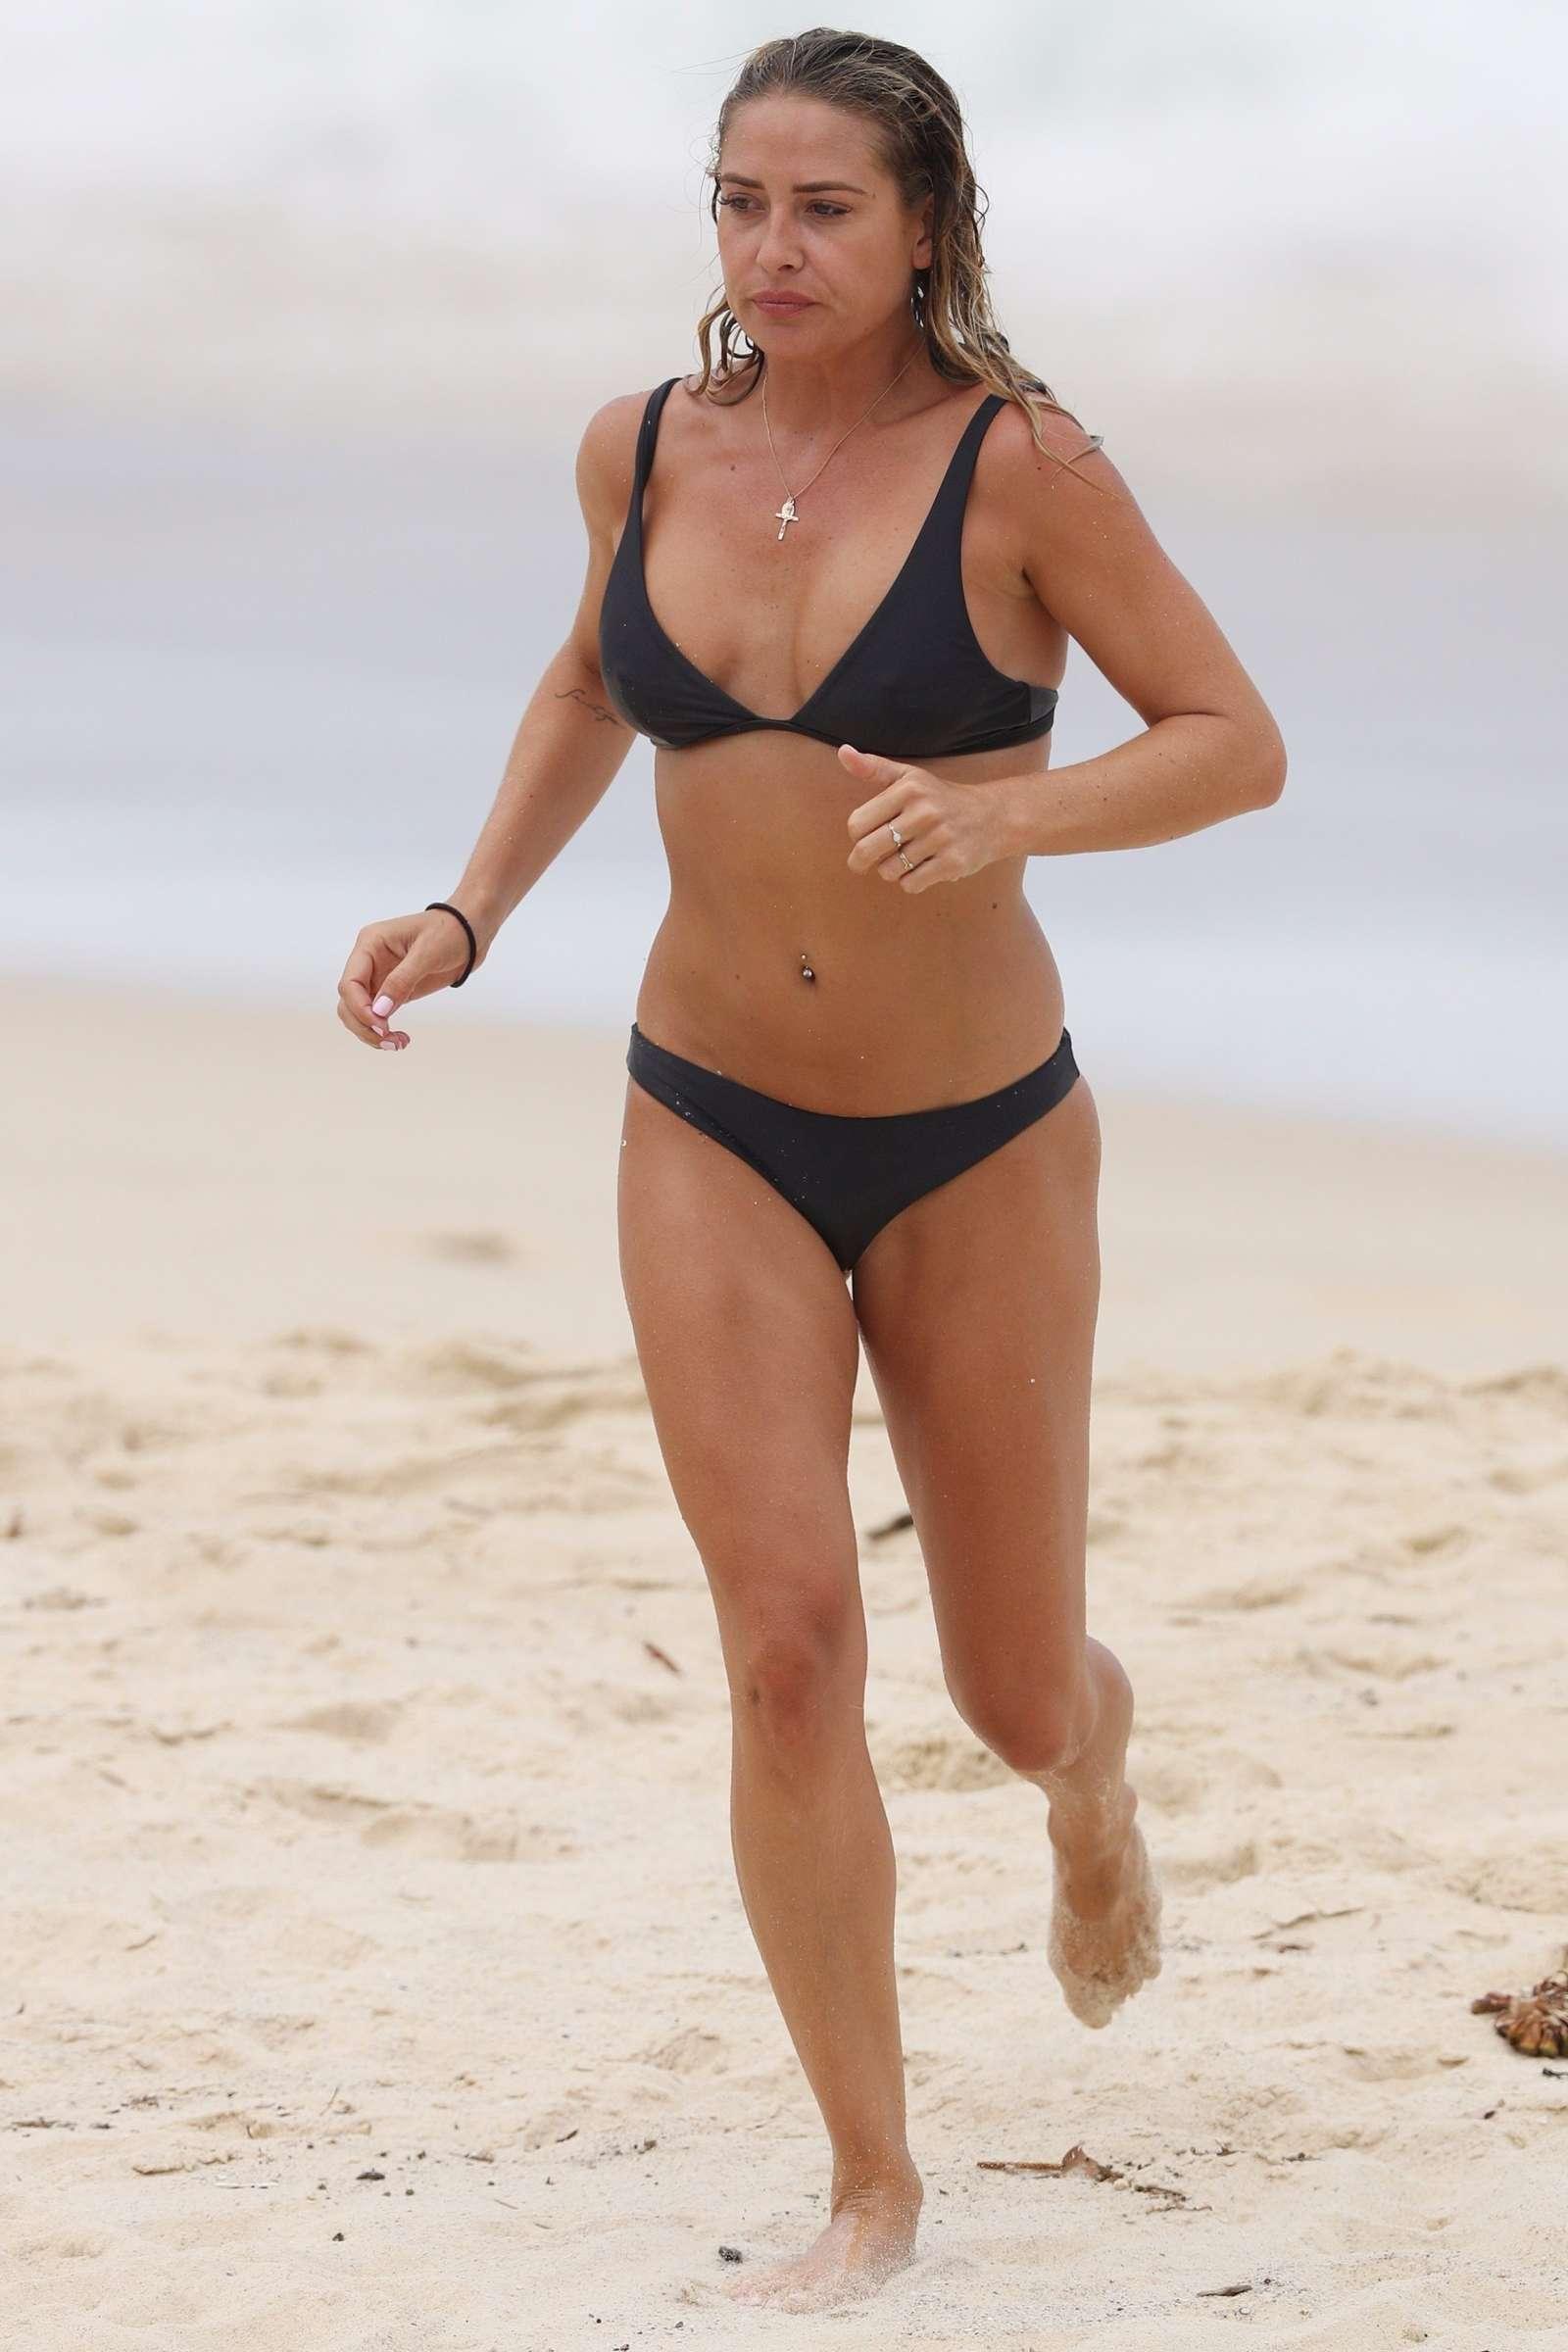 Lisa Clark 2017 : Lisa Clark in Black Bikini 2017 -33